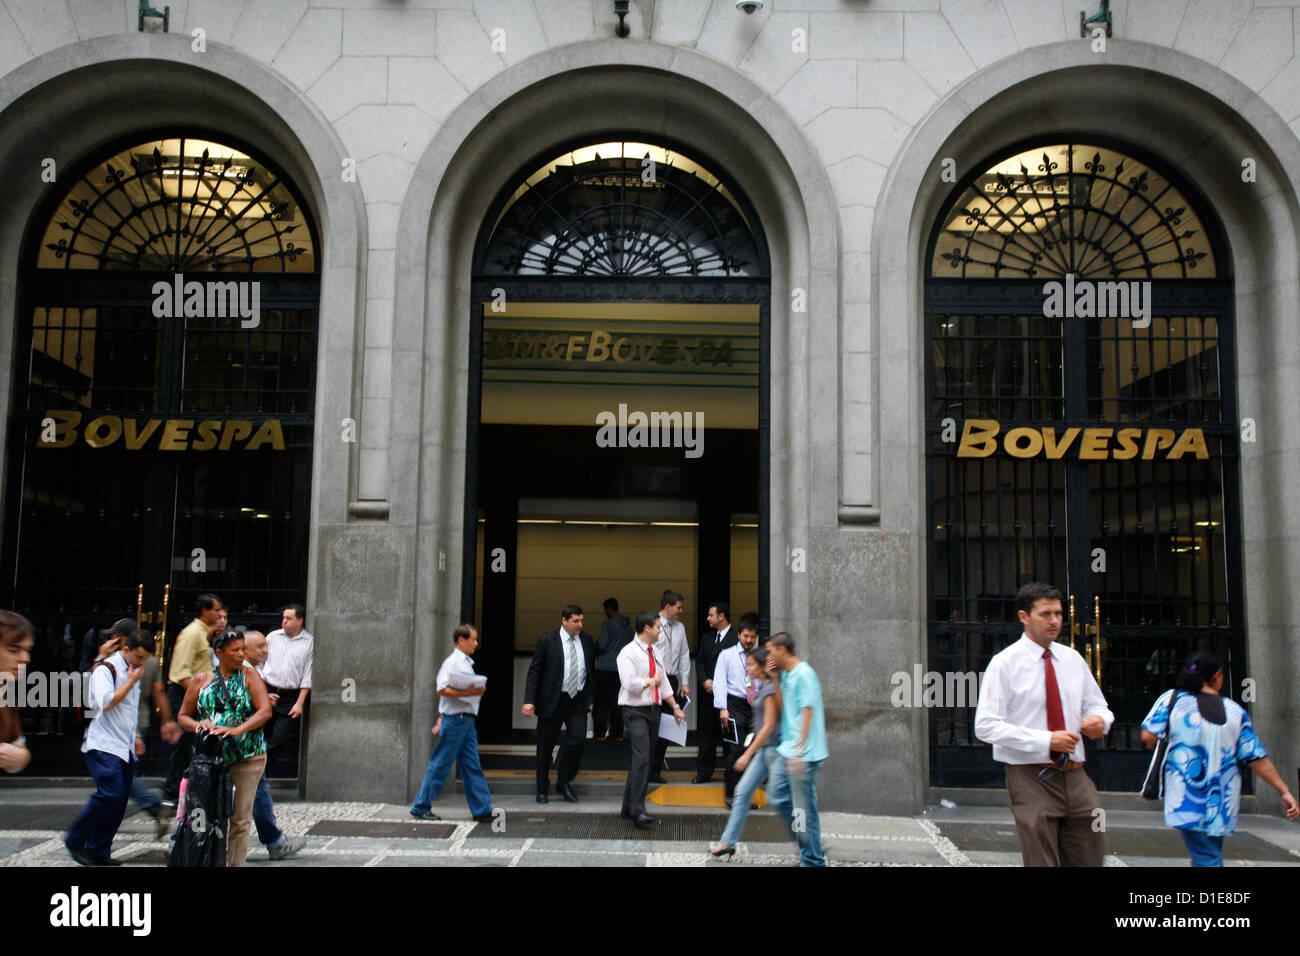 Il Bovespa stock exchange, Sao Paulo, Brasile, Sud America Immagini Stock